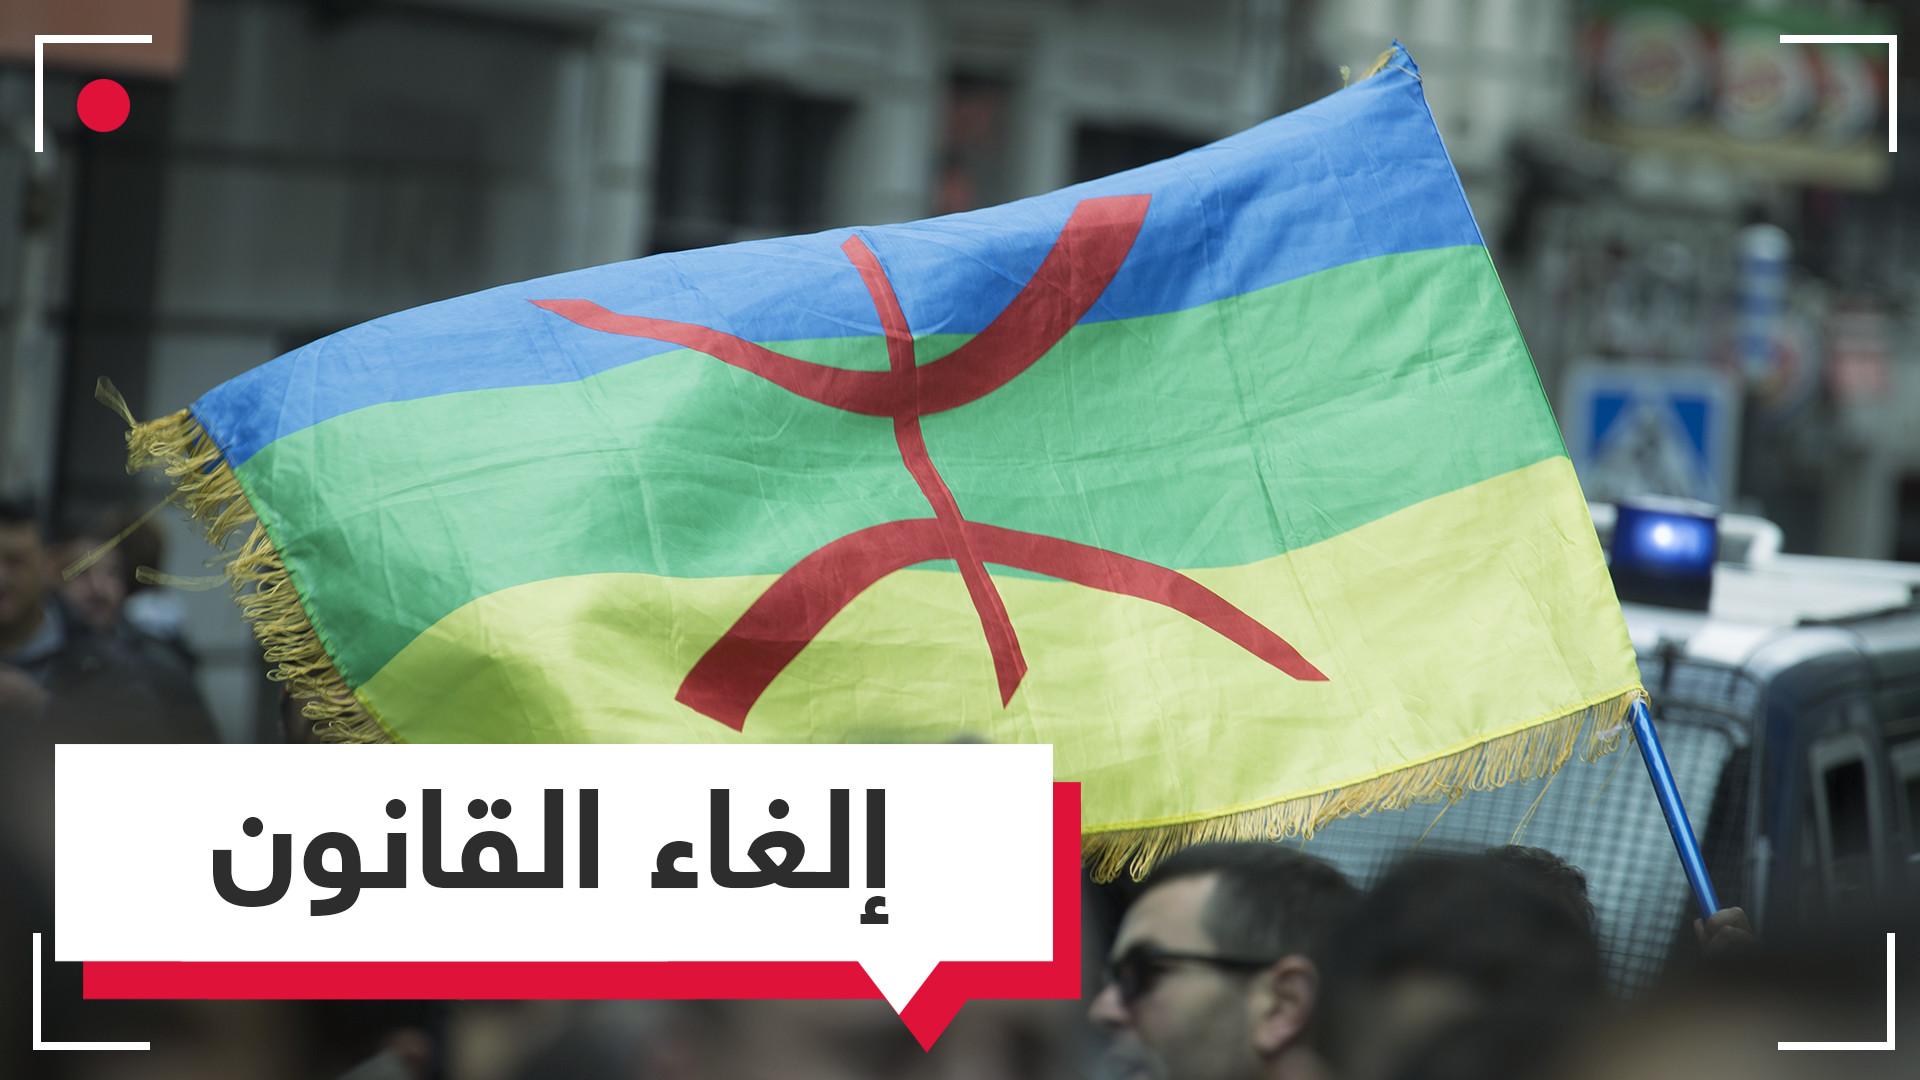 البرلمان المغربي يرفض طبع الأوراق المالية  بالأمازيغية